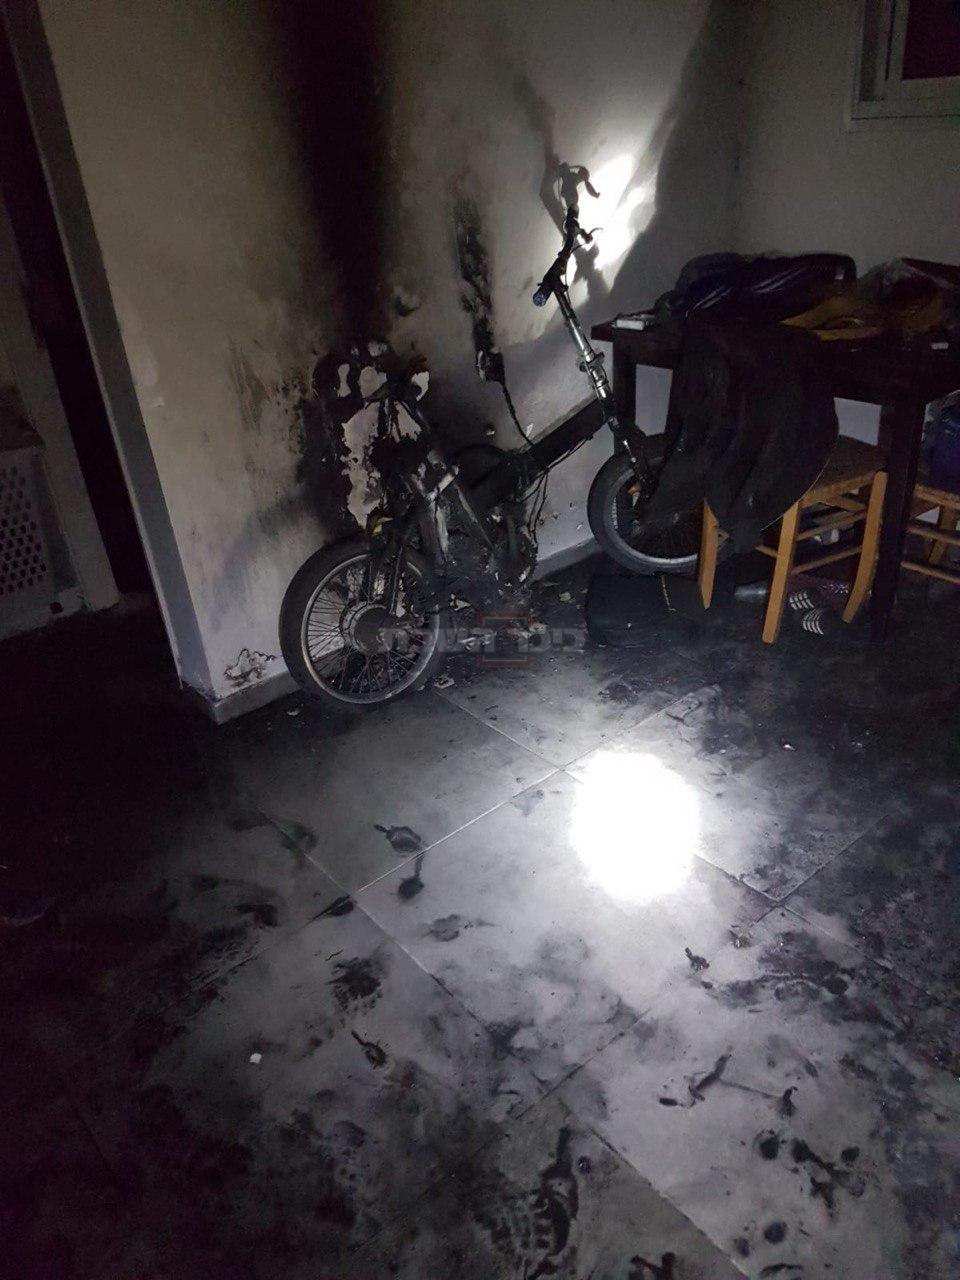 האופניים שהציתו שריפה (צילום: תיעוד מבצעי כבאות)